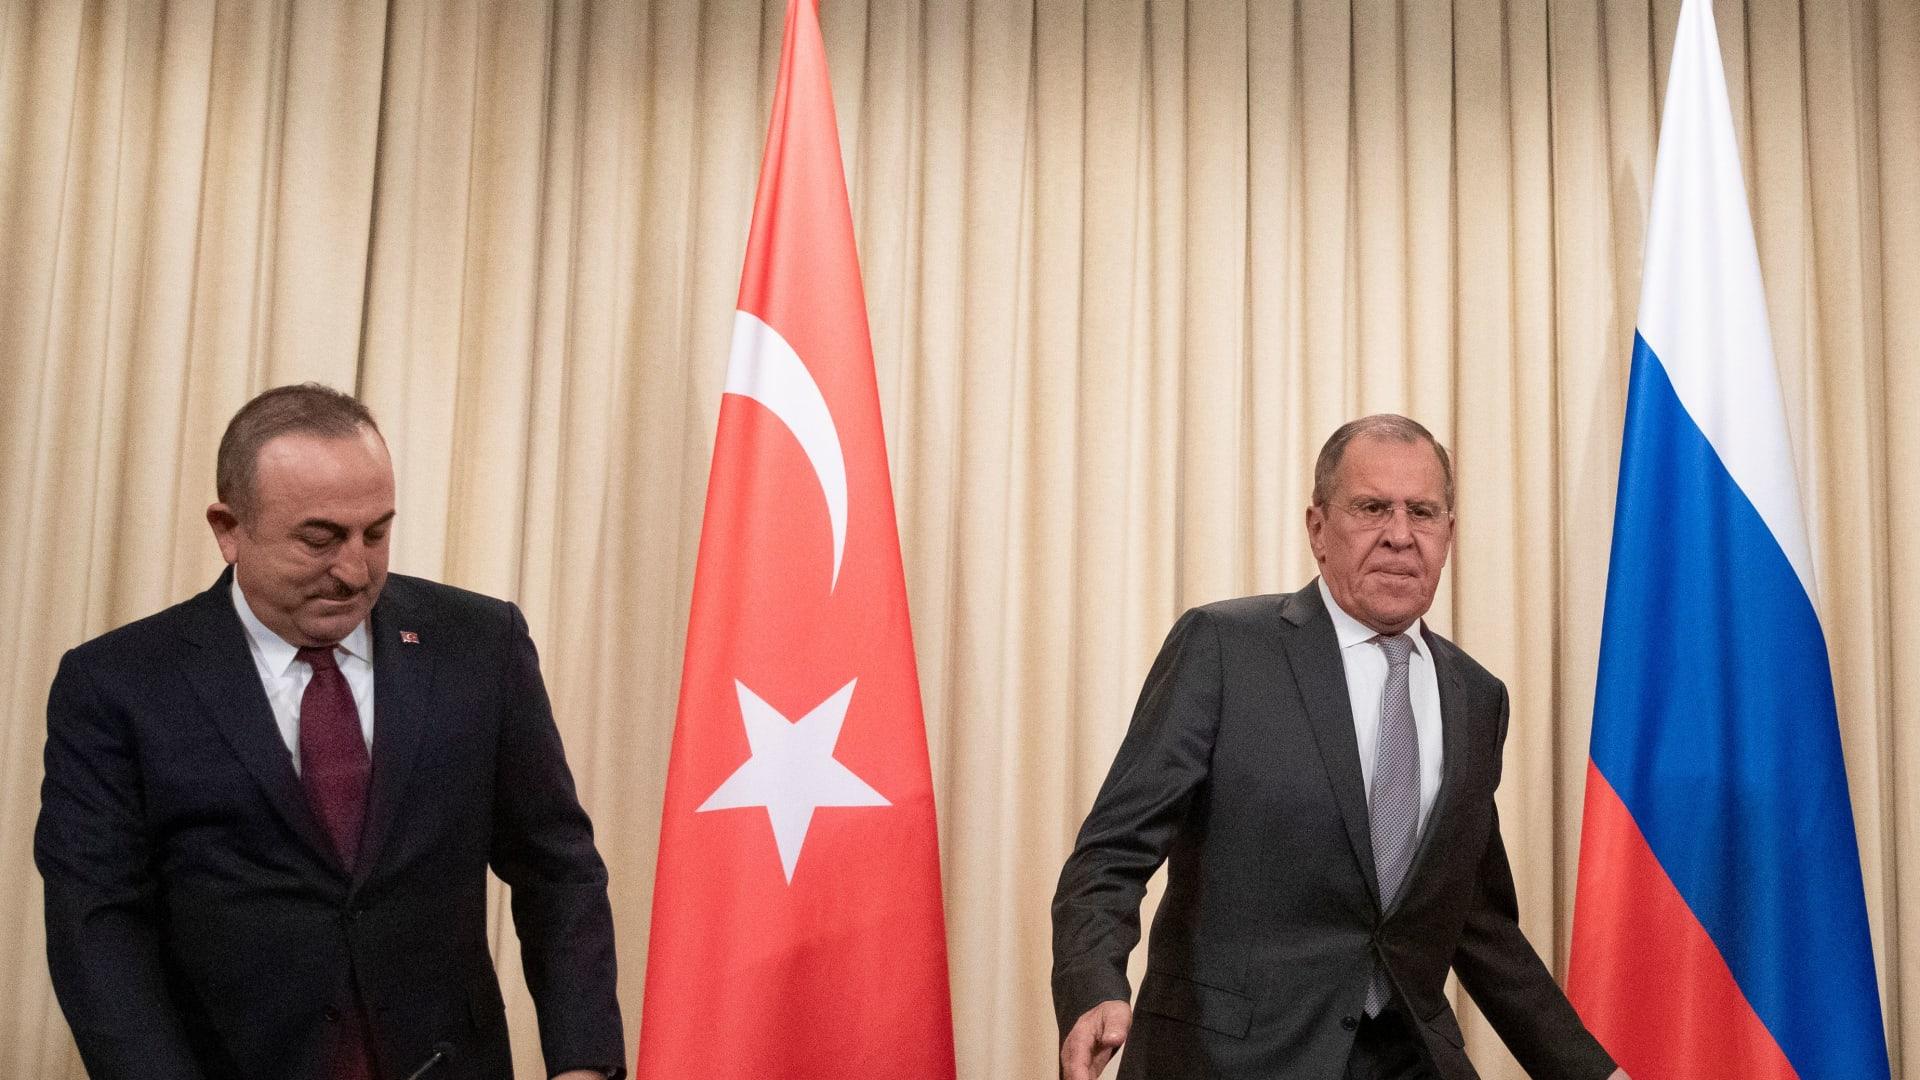 لافروف يكشف ما أفضت إليه المفاوضات بين السراج وحفتر في موسكو